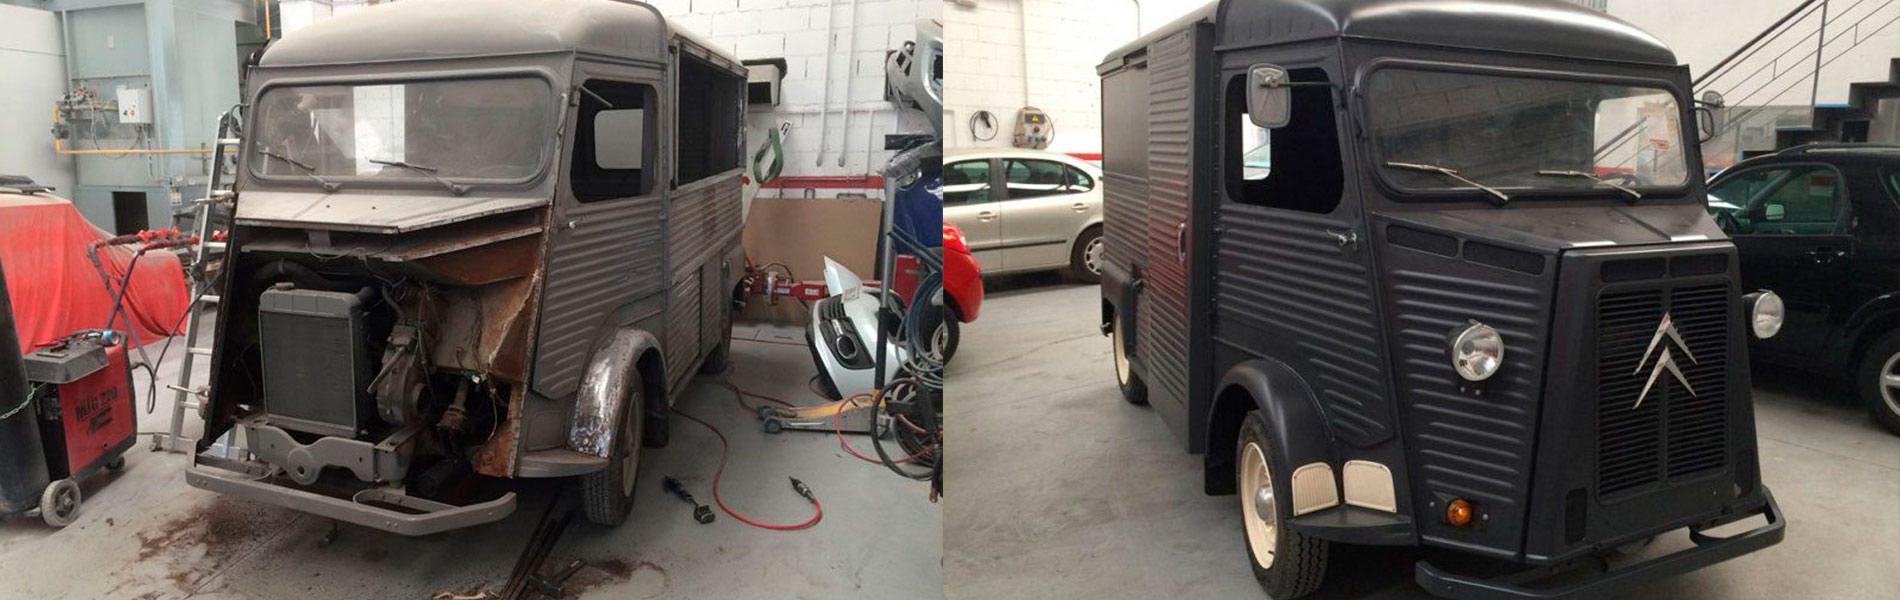 Carrocerías Lomillos Berrocosa restauración vehiculos clasicos